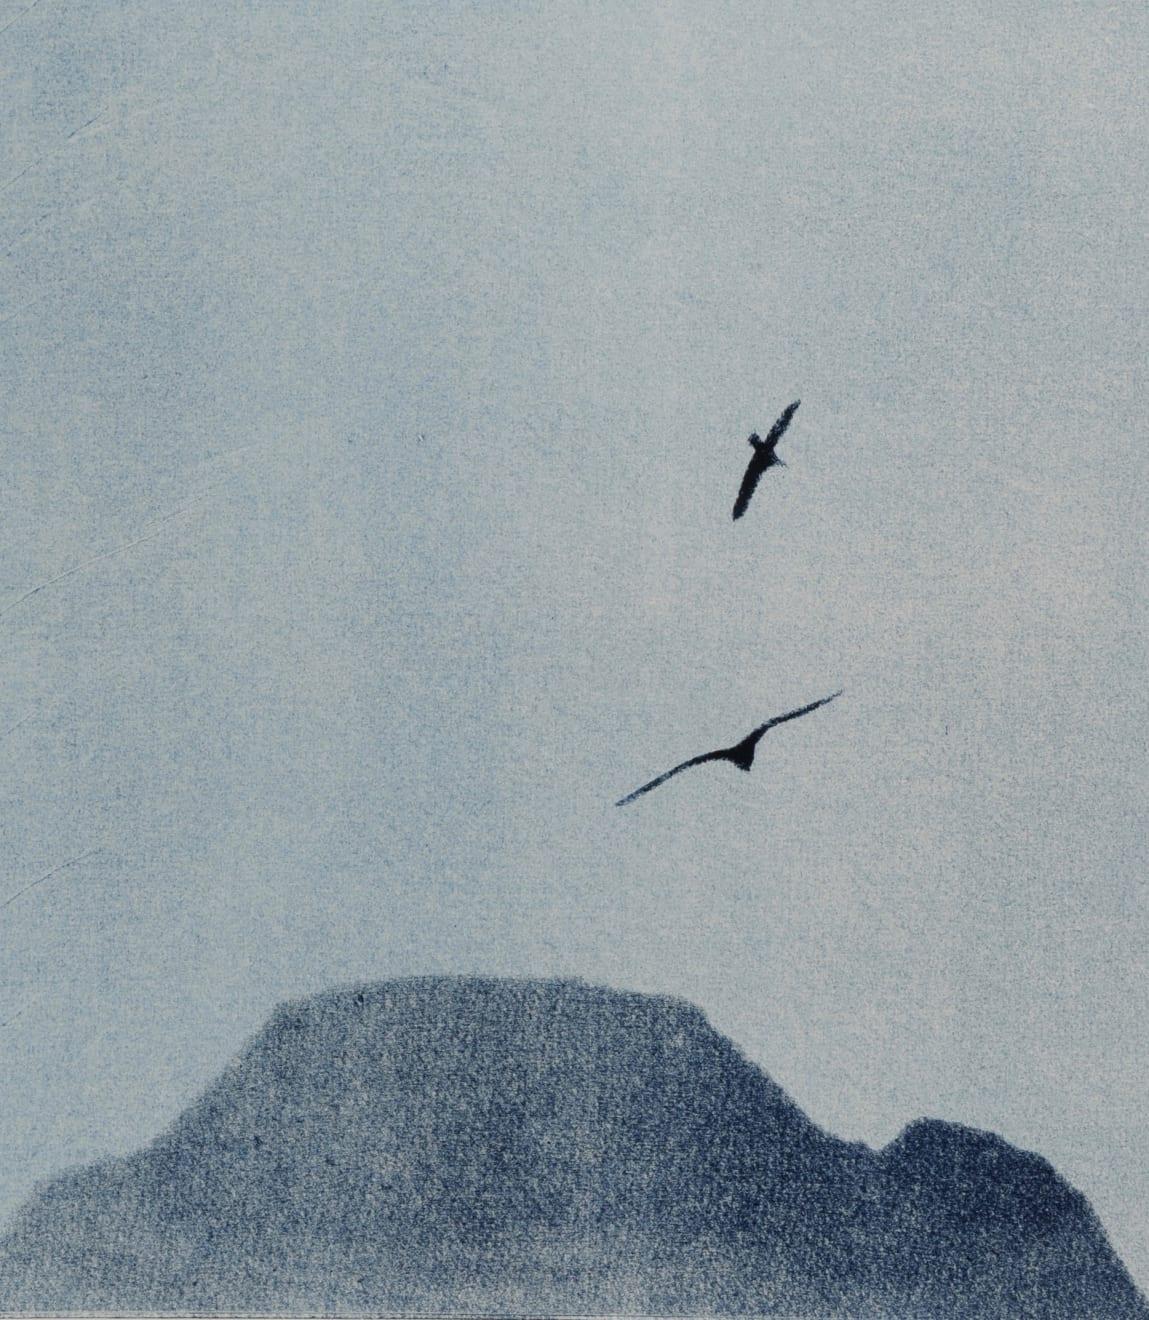 Nigel Swift, Soaring Birds, 2020